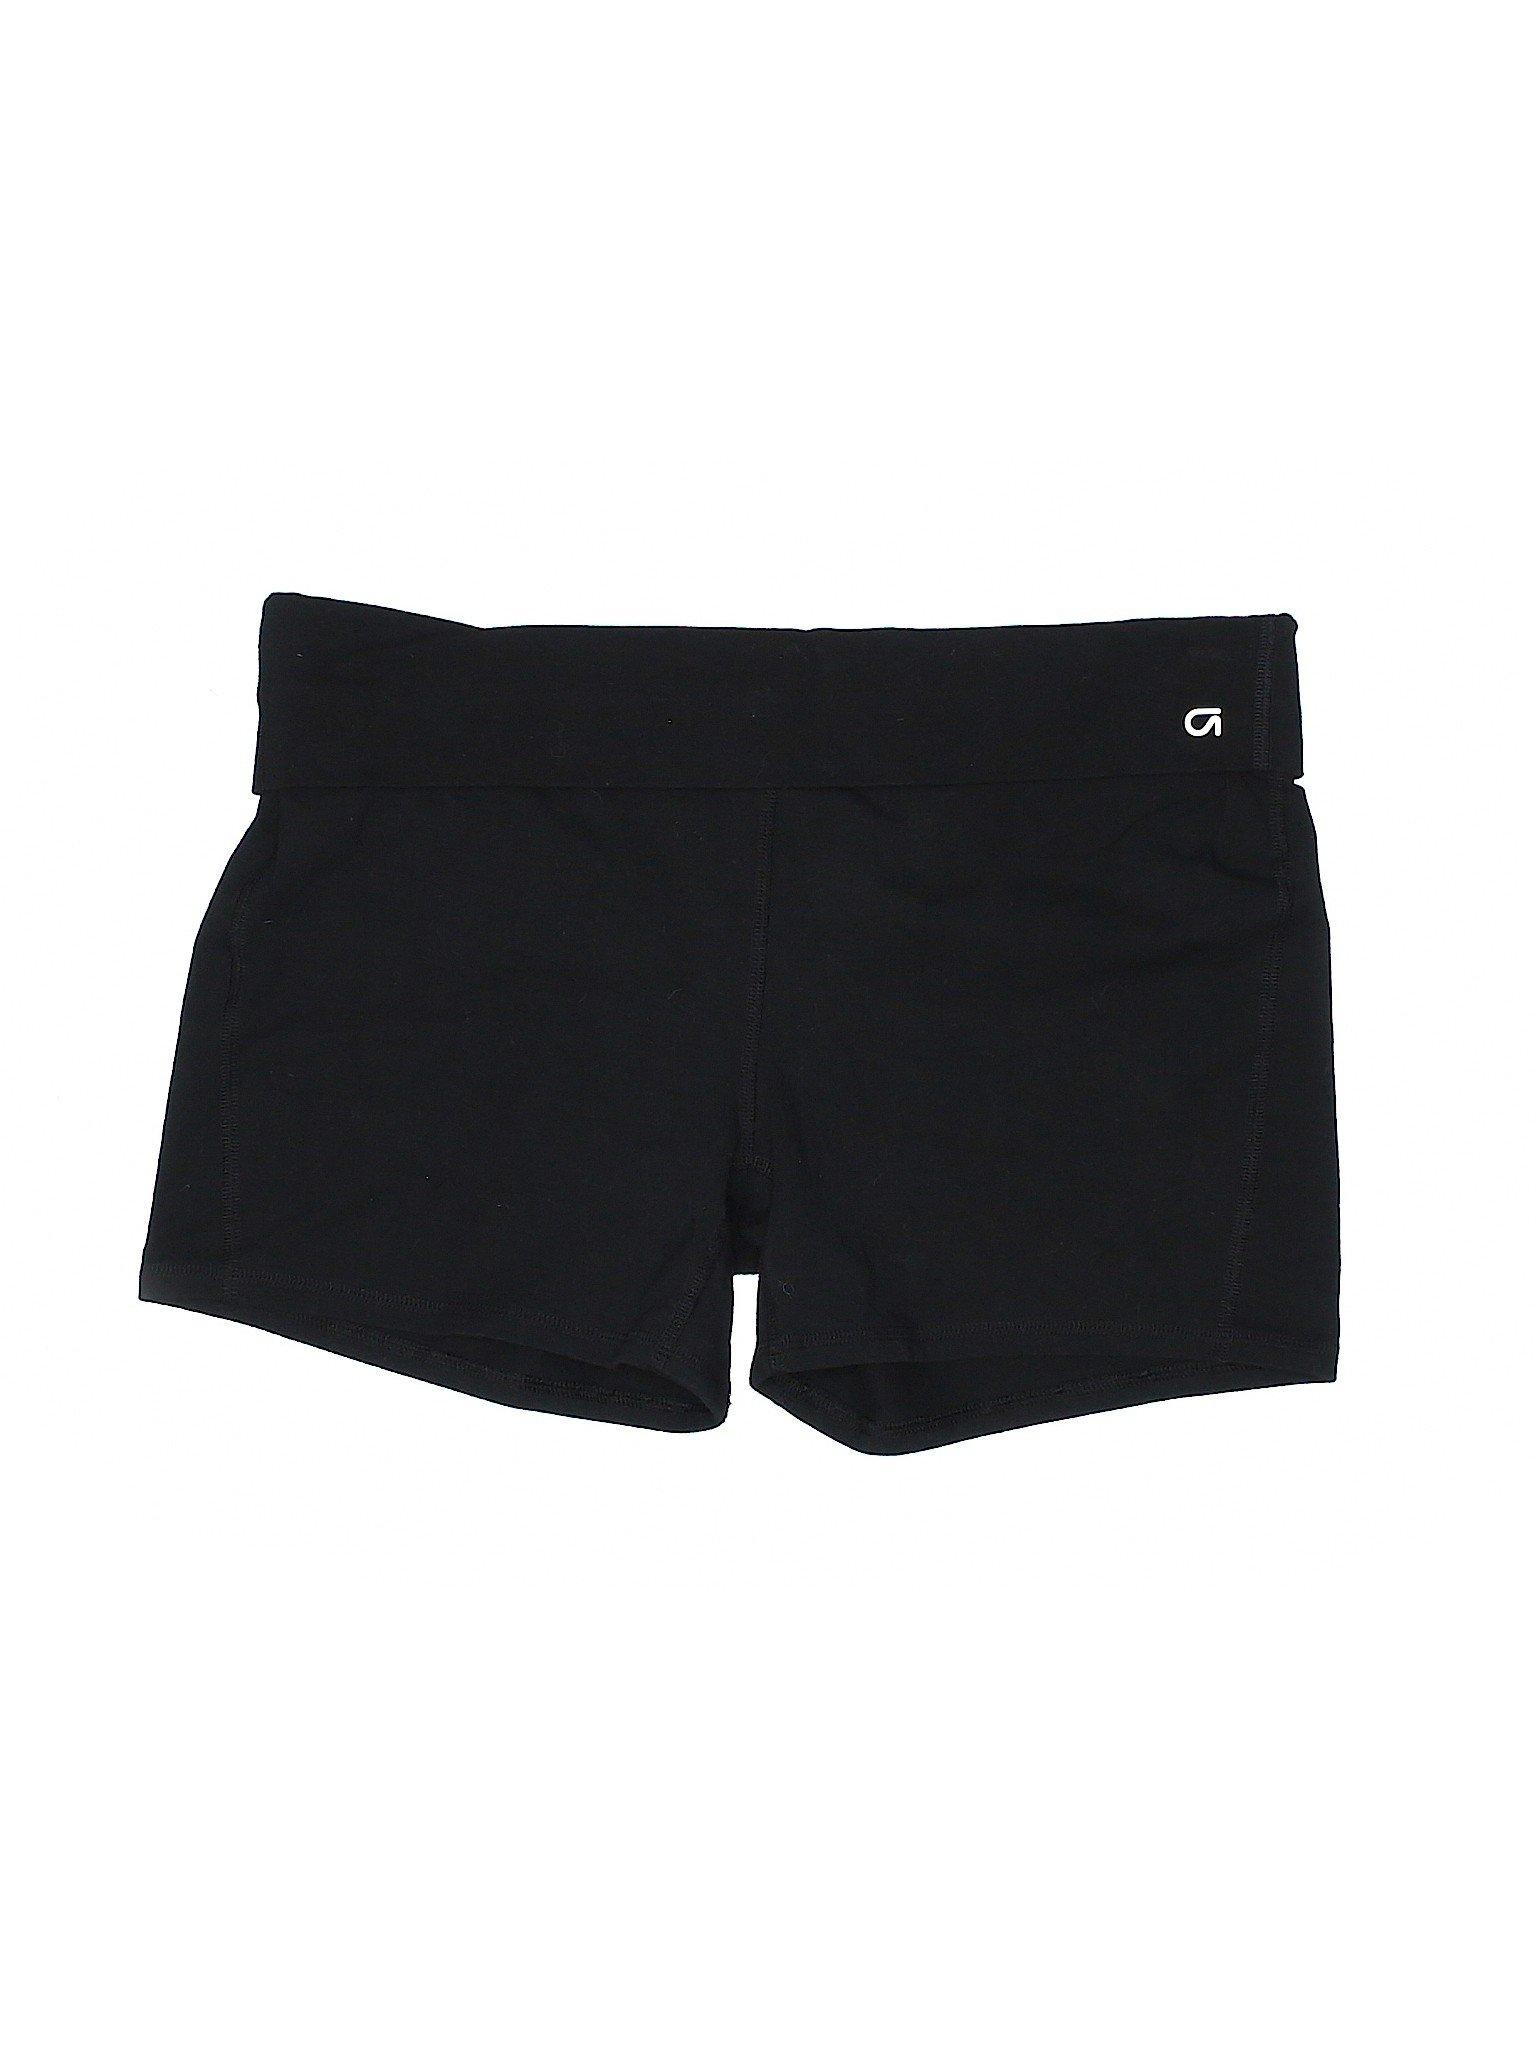 Fit Boutique Athletic Gap Shorts leisure xUwZE